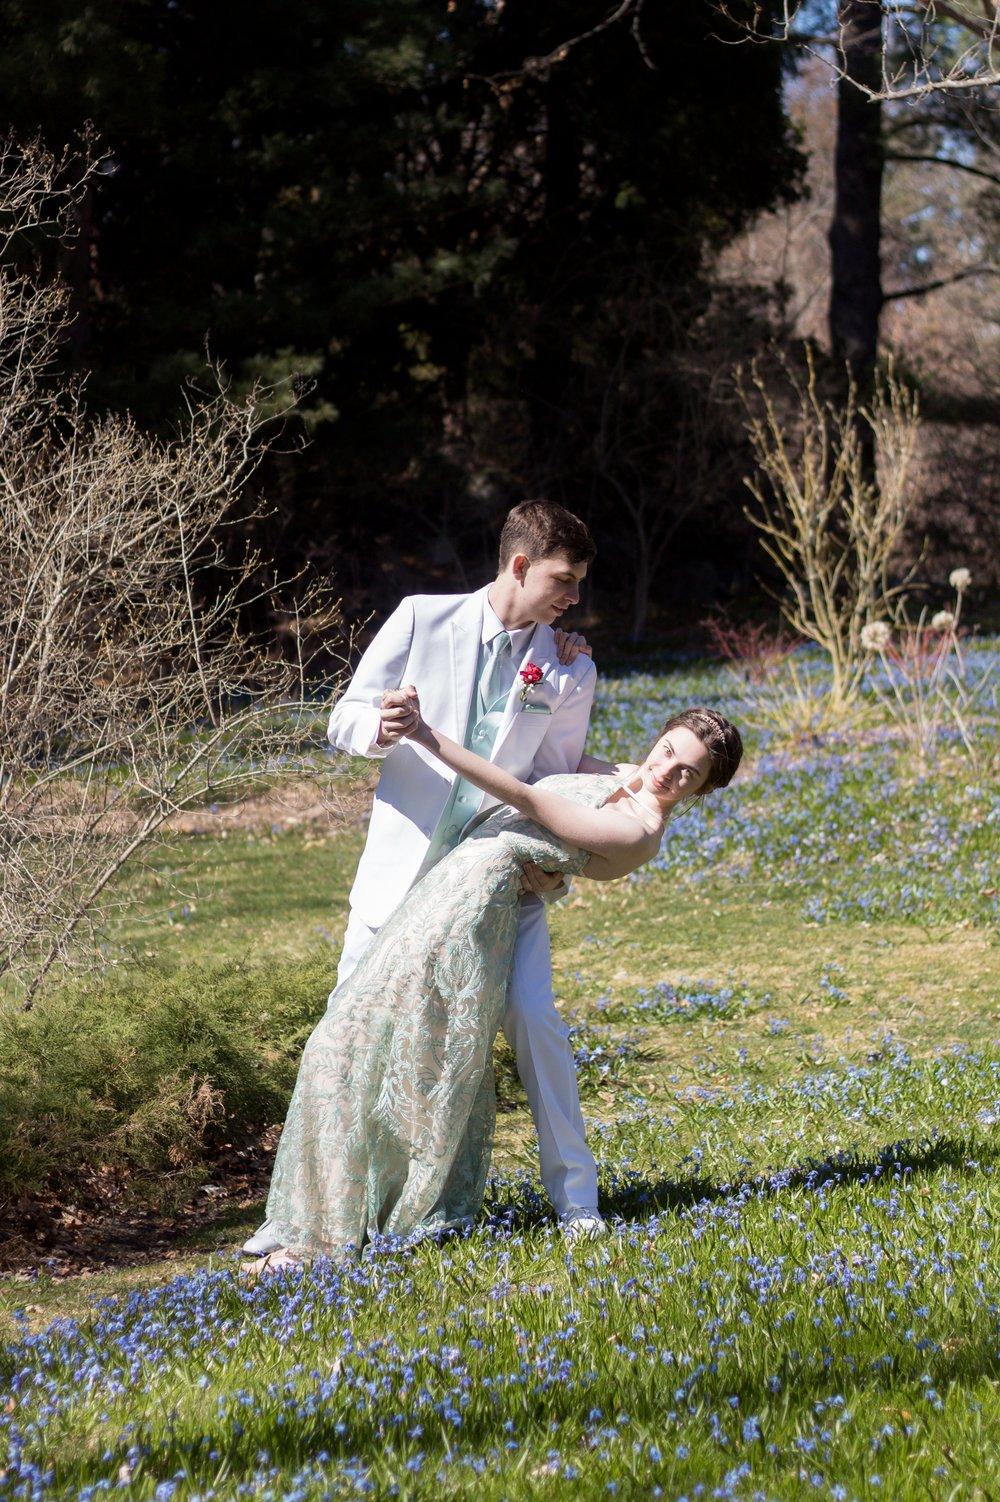 Prom Thomas and Em Thomas (48).jpg